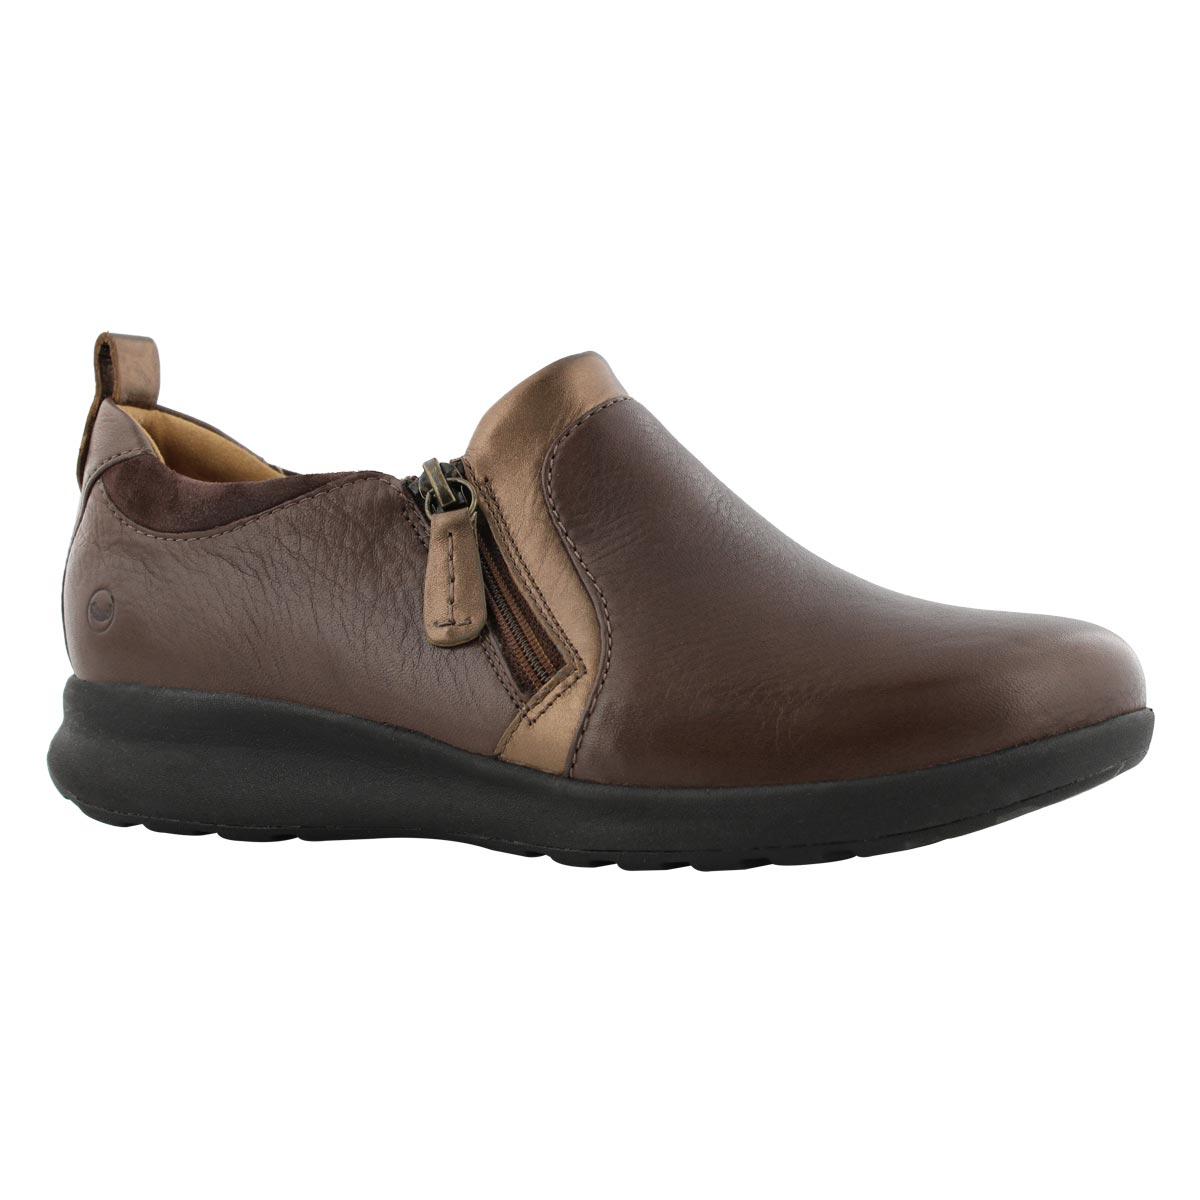 Lds Un Adorn Zip dark brown casual shoe